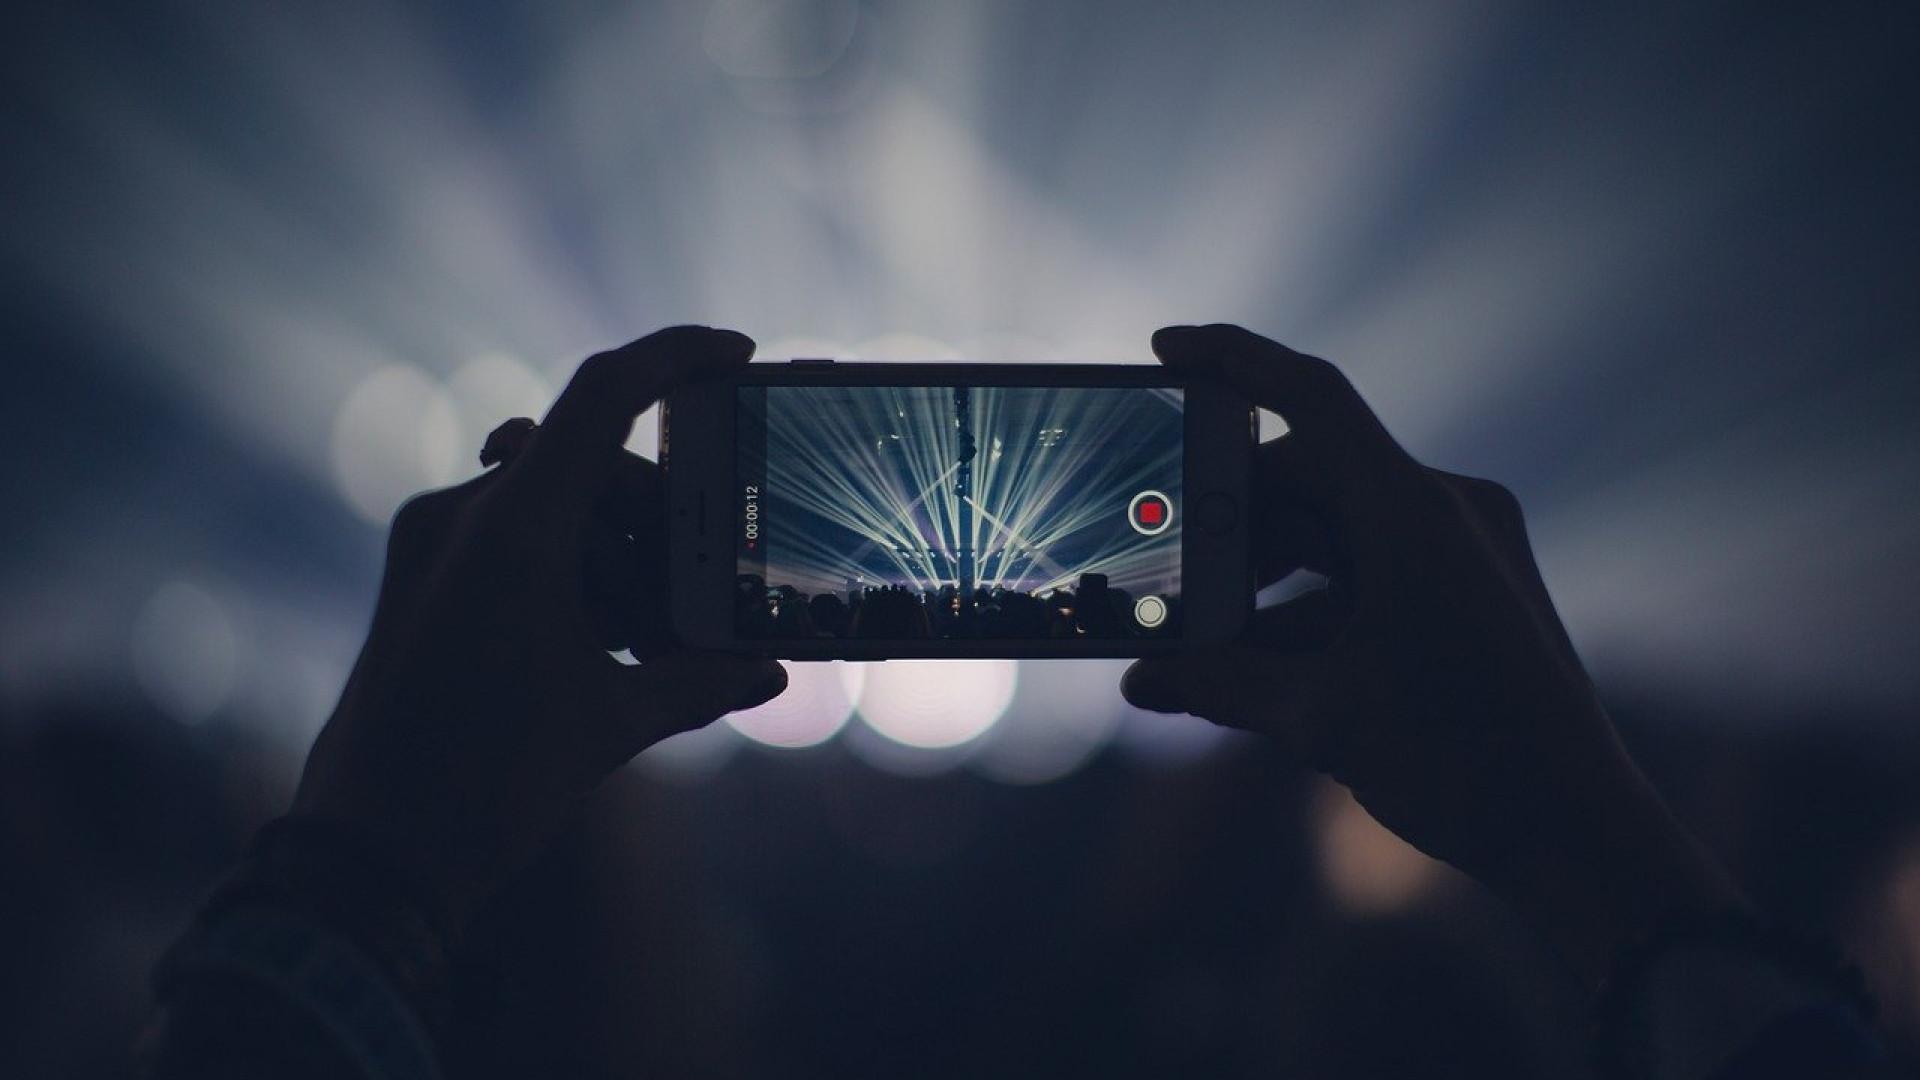 Pourquoi réaliser une vidéo marketing pour votre entreprise ?